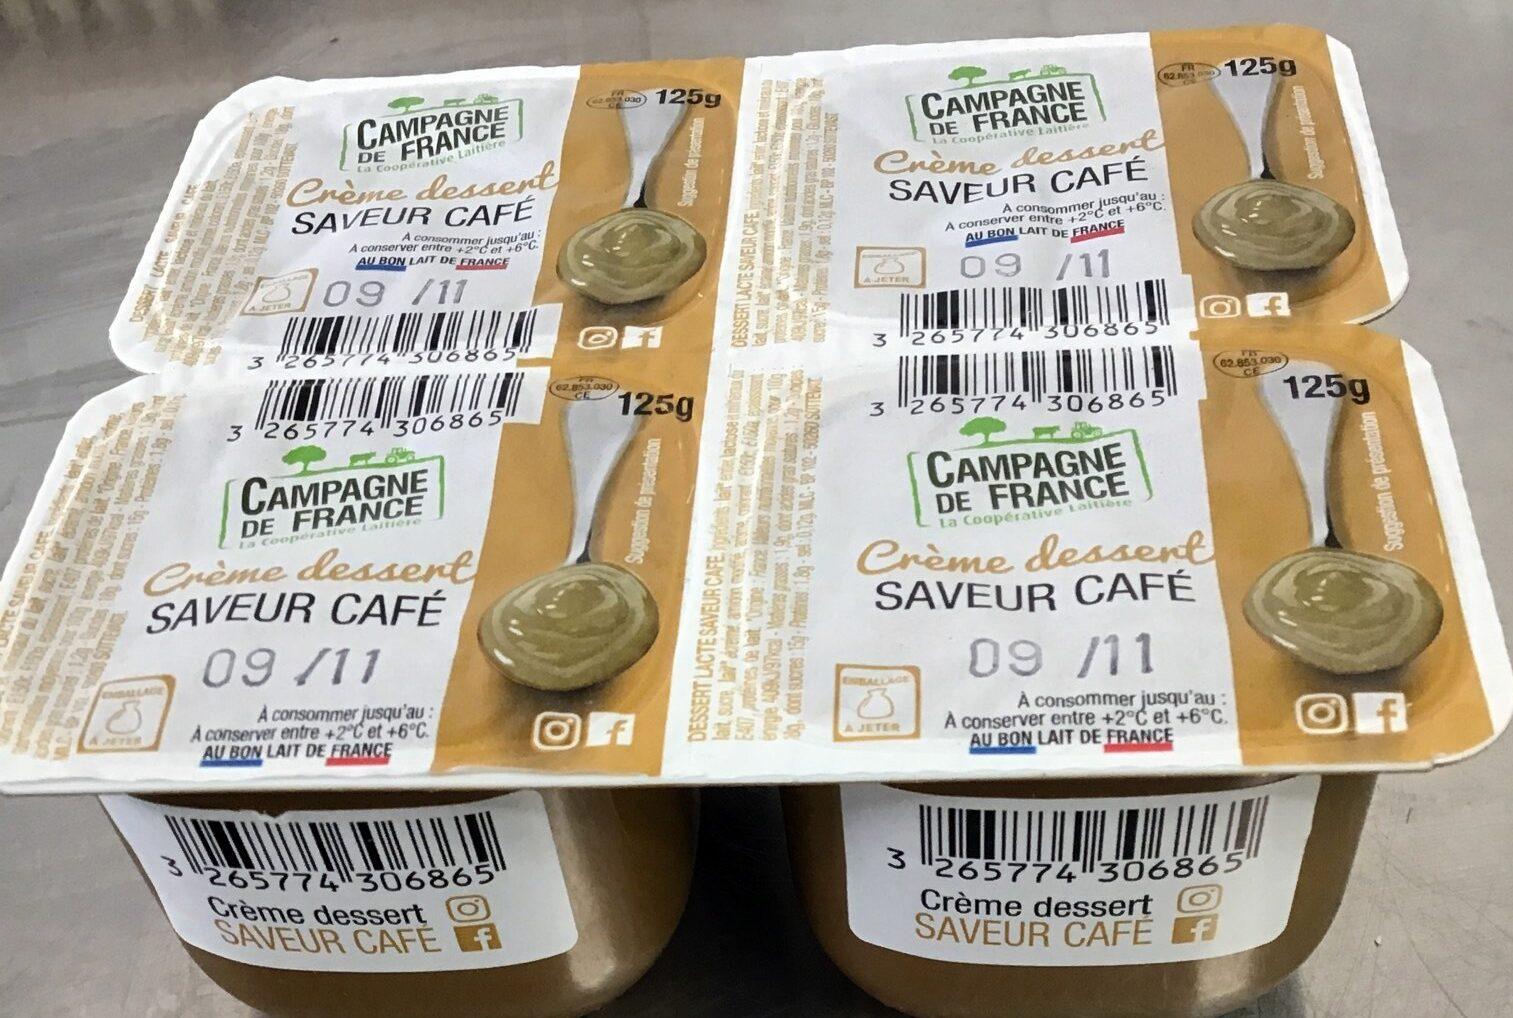 Crème dessert saveur café - Produit - fr